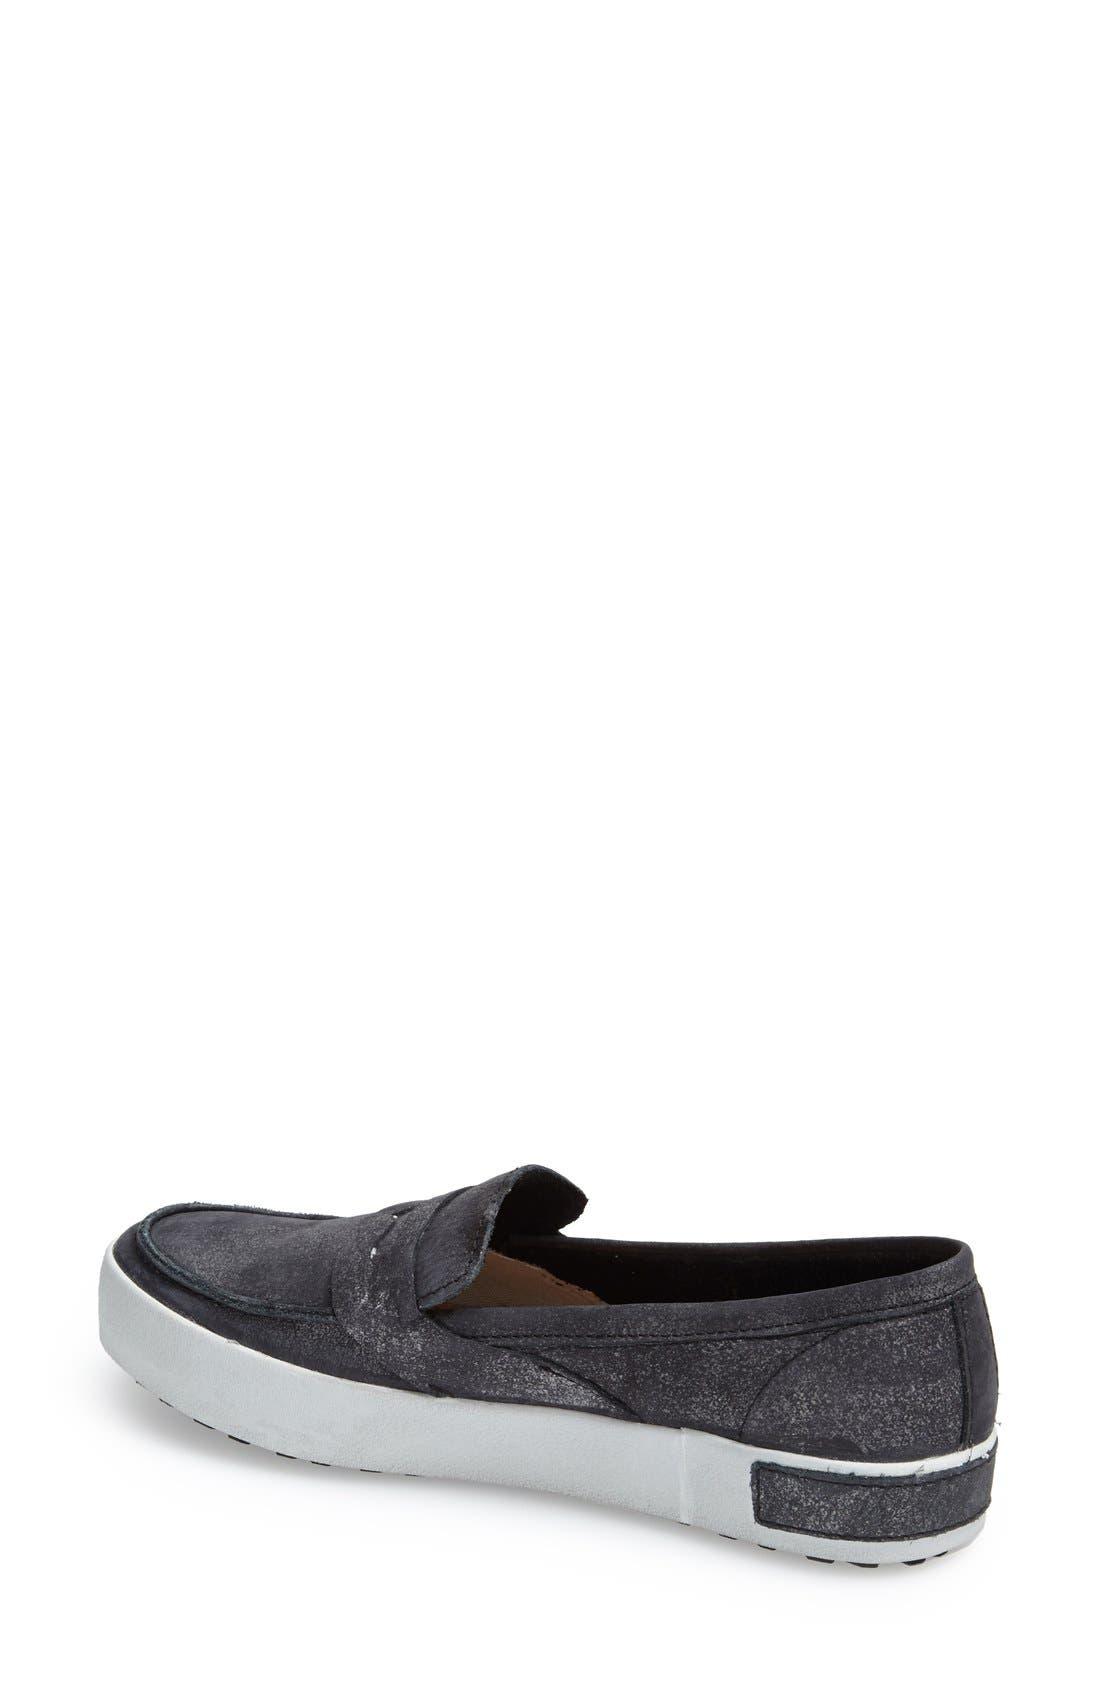 'JL23' Slip-On Sneaker,                             Alternate thumbnail 5, color,